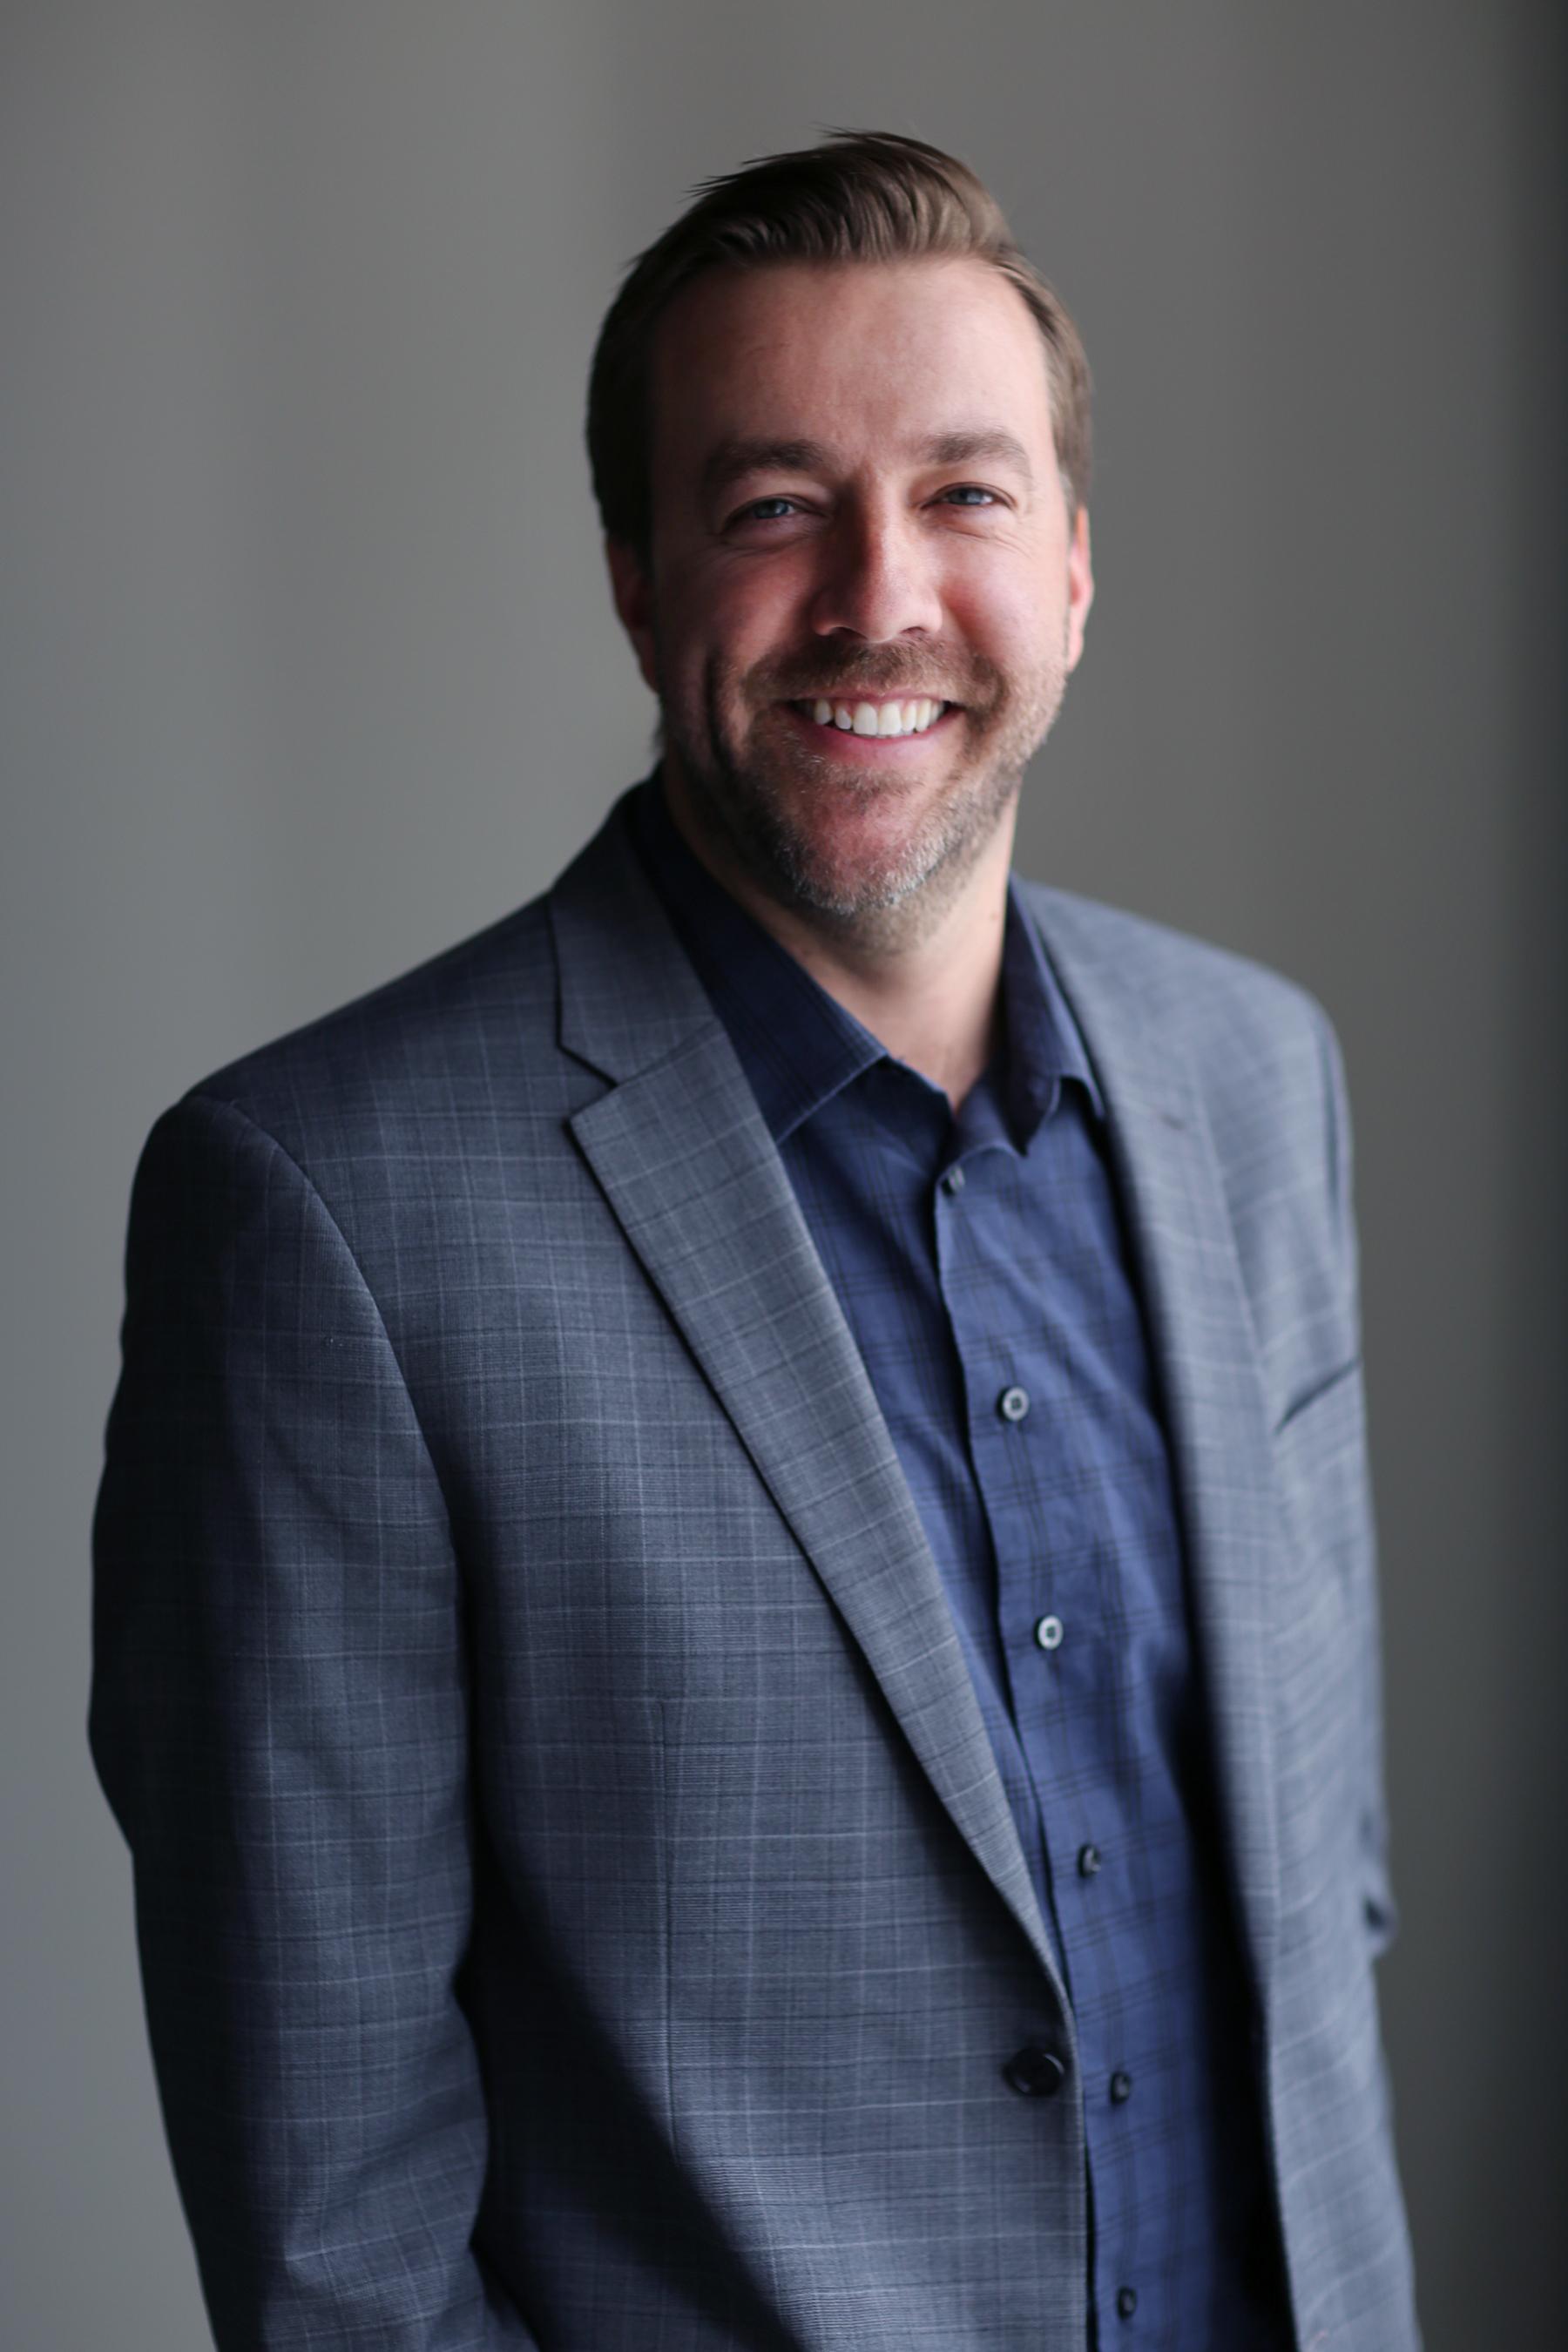 Brian Baker, Vice President of Development